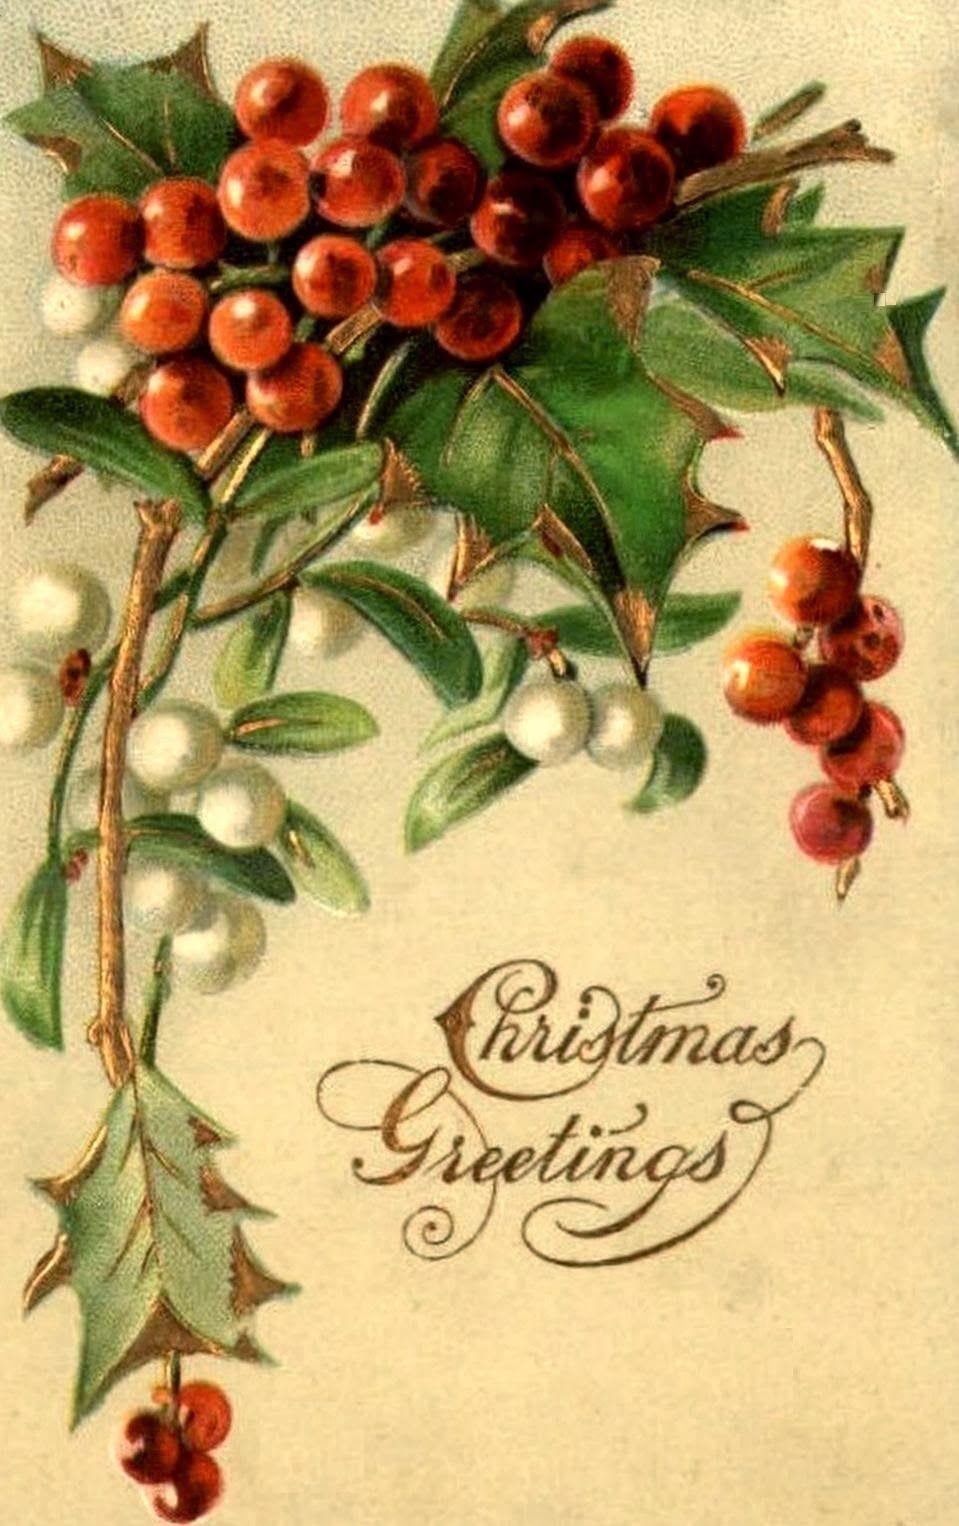 Bumble button beautiful antique postcards featuring for Nostalgische weihnachtsdeko